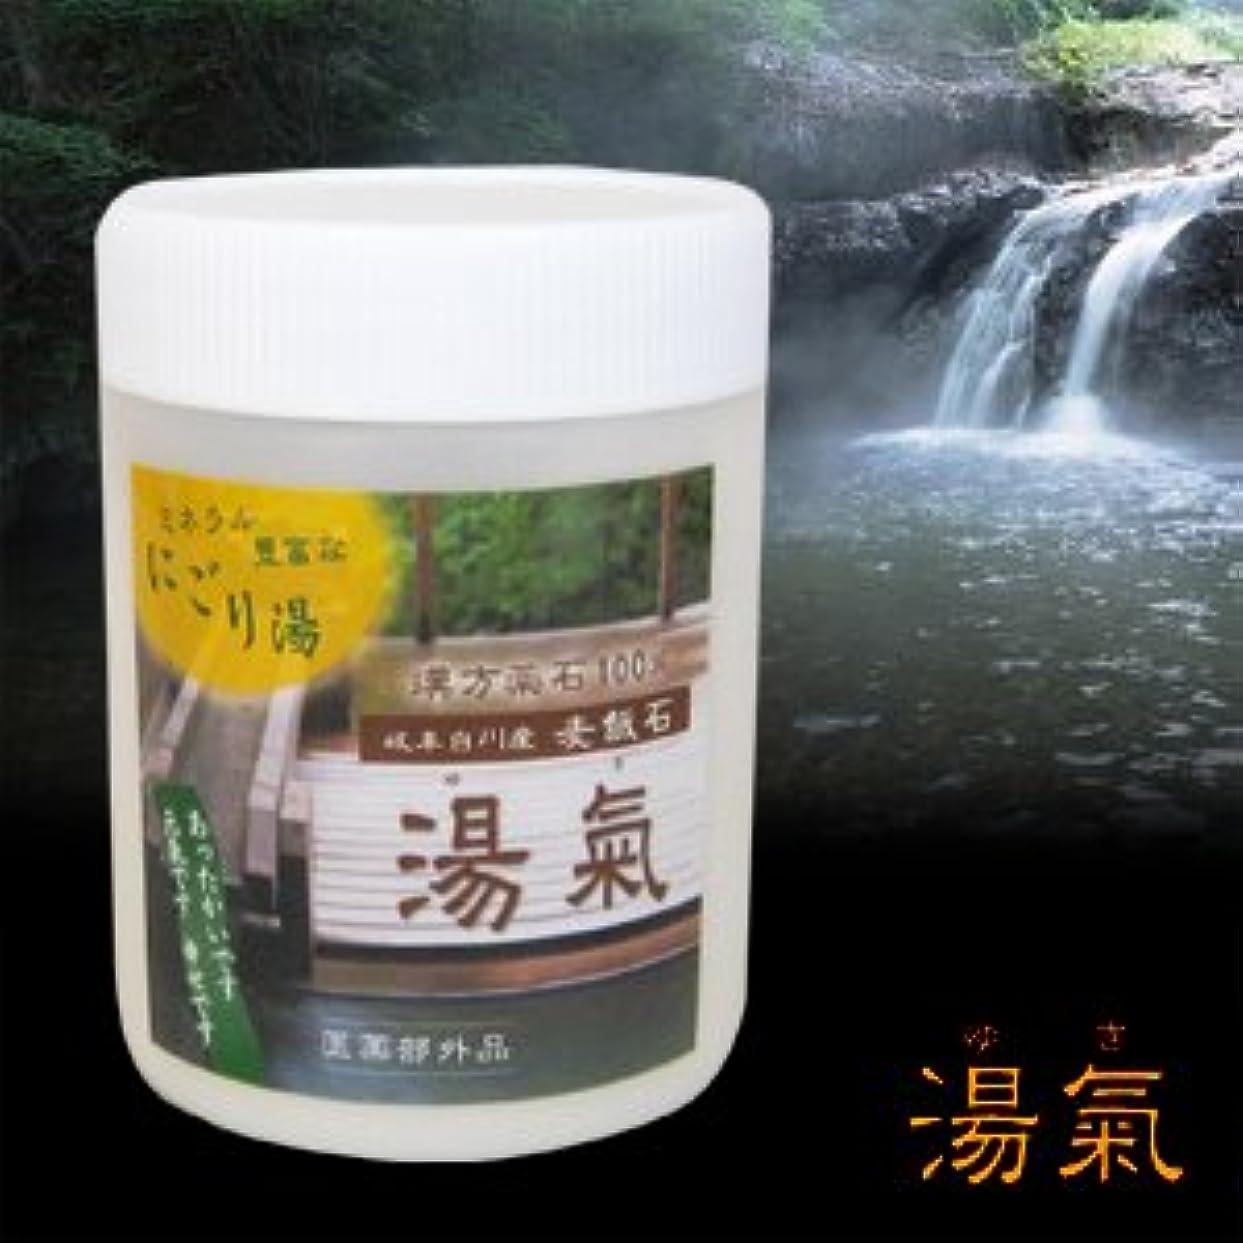 強いアルコーブペア【医薬部外品】岐阜県白川産麦飯石 湯氣 (浴用剤)